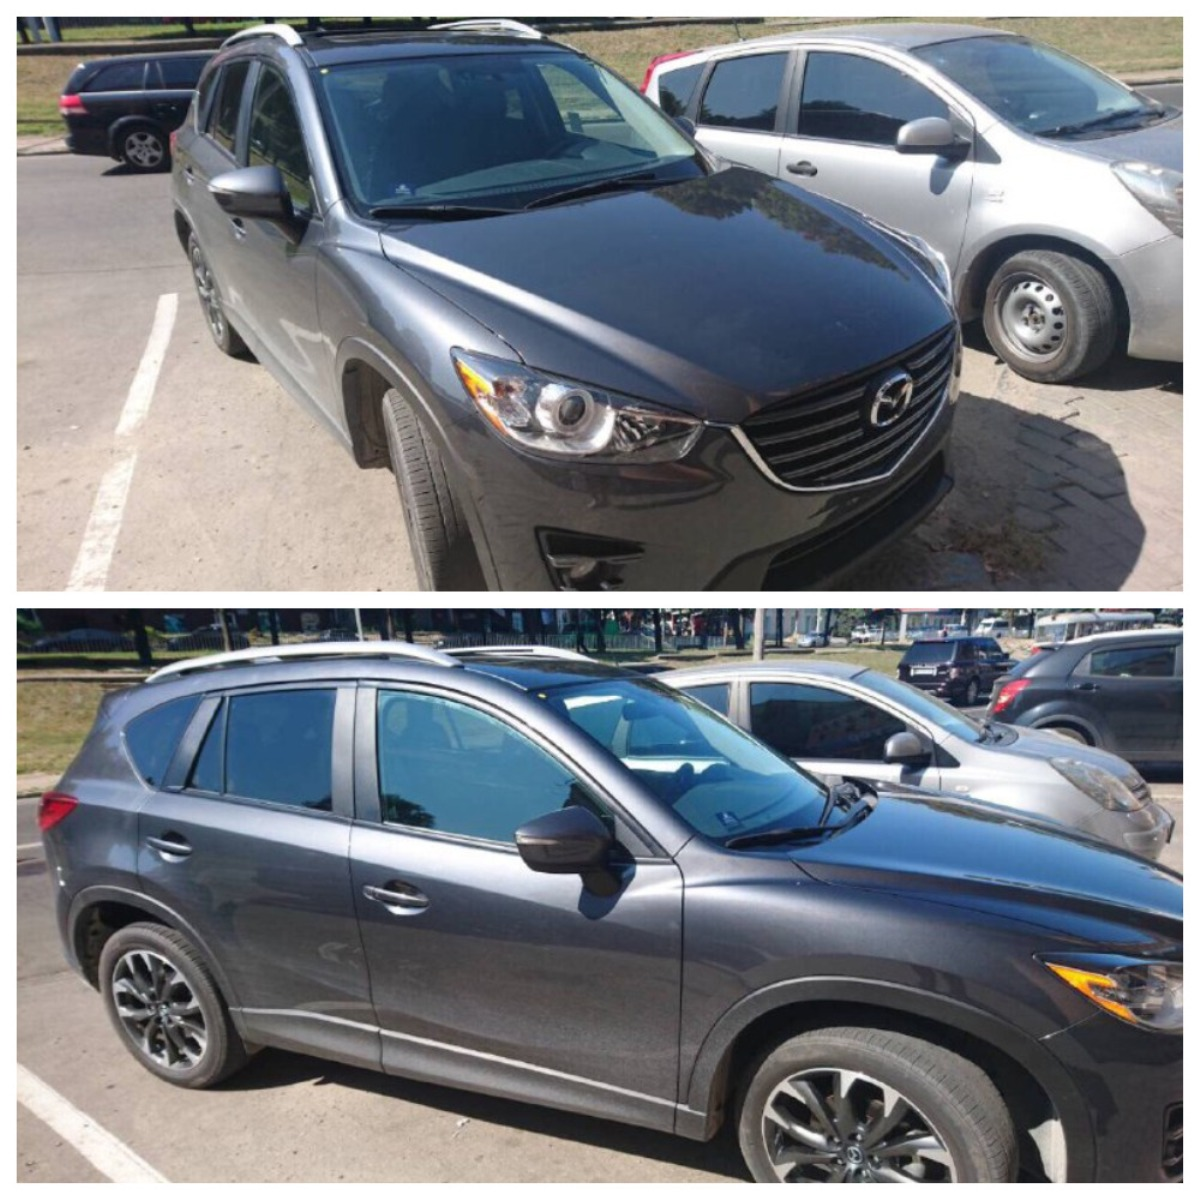 ВКиеве угнали Mazda CX 5